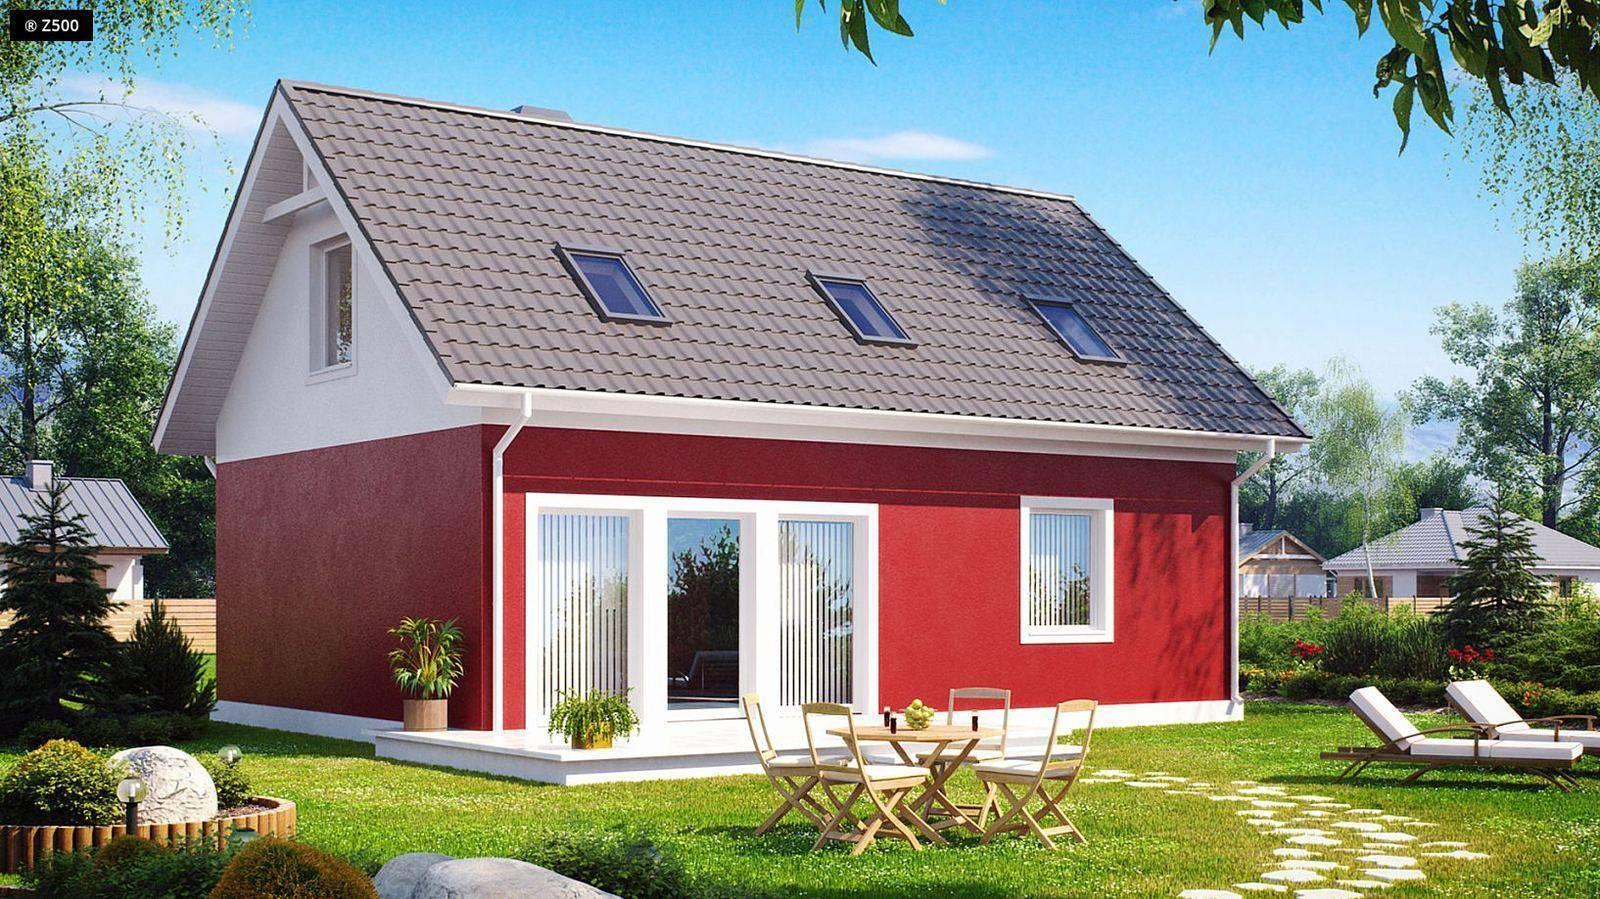 Одноэтажный или двухэтажный дом. что дешевле и лучше? ⋆ финский домик